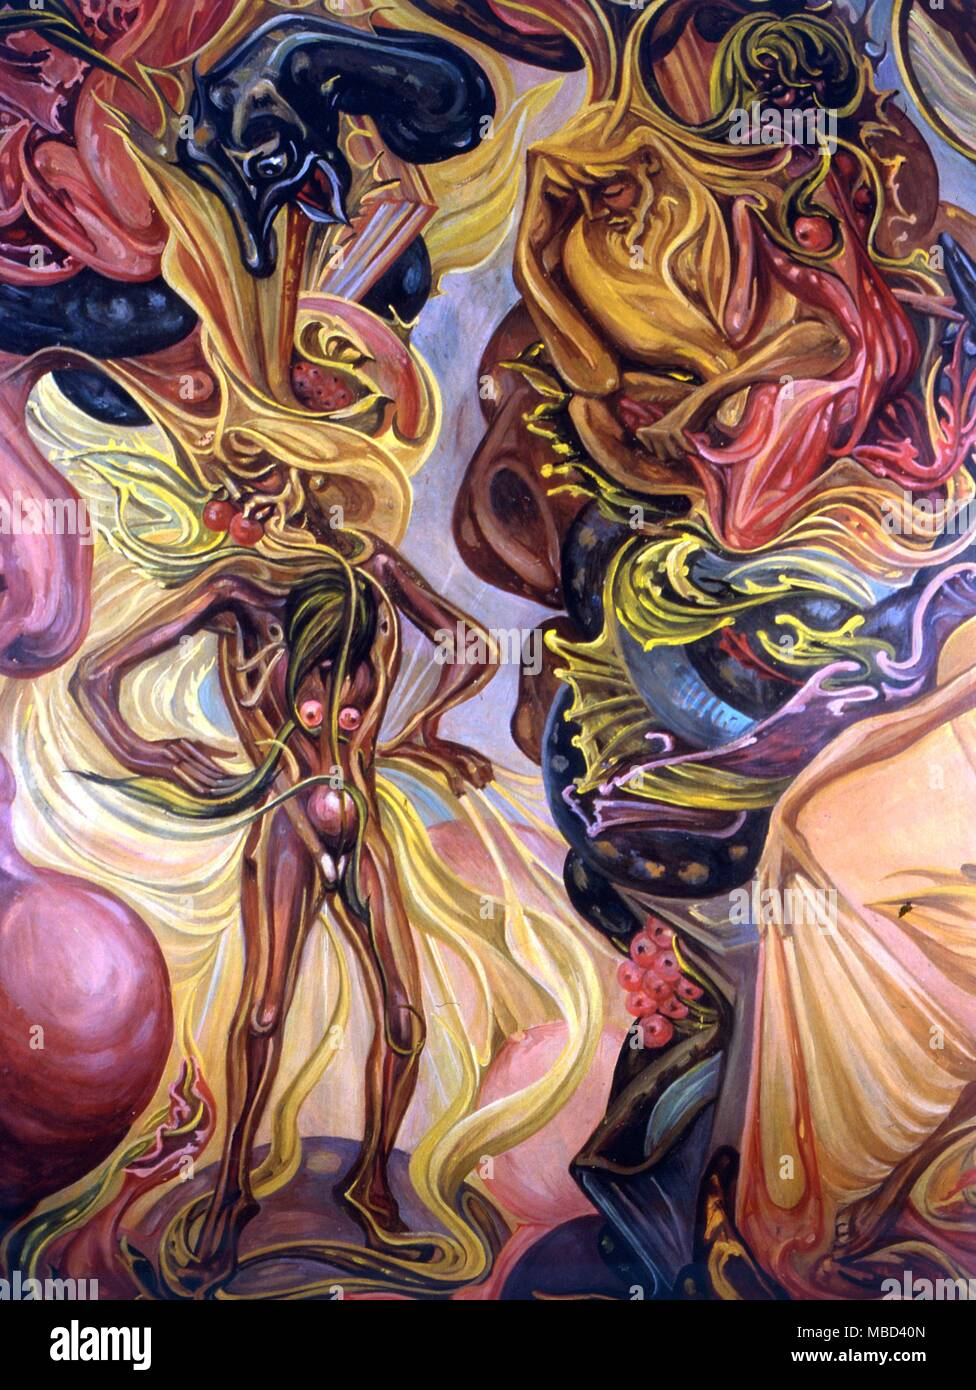 El esoterismo judío Cabbala Arte ocultista esfera de